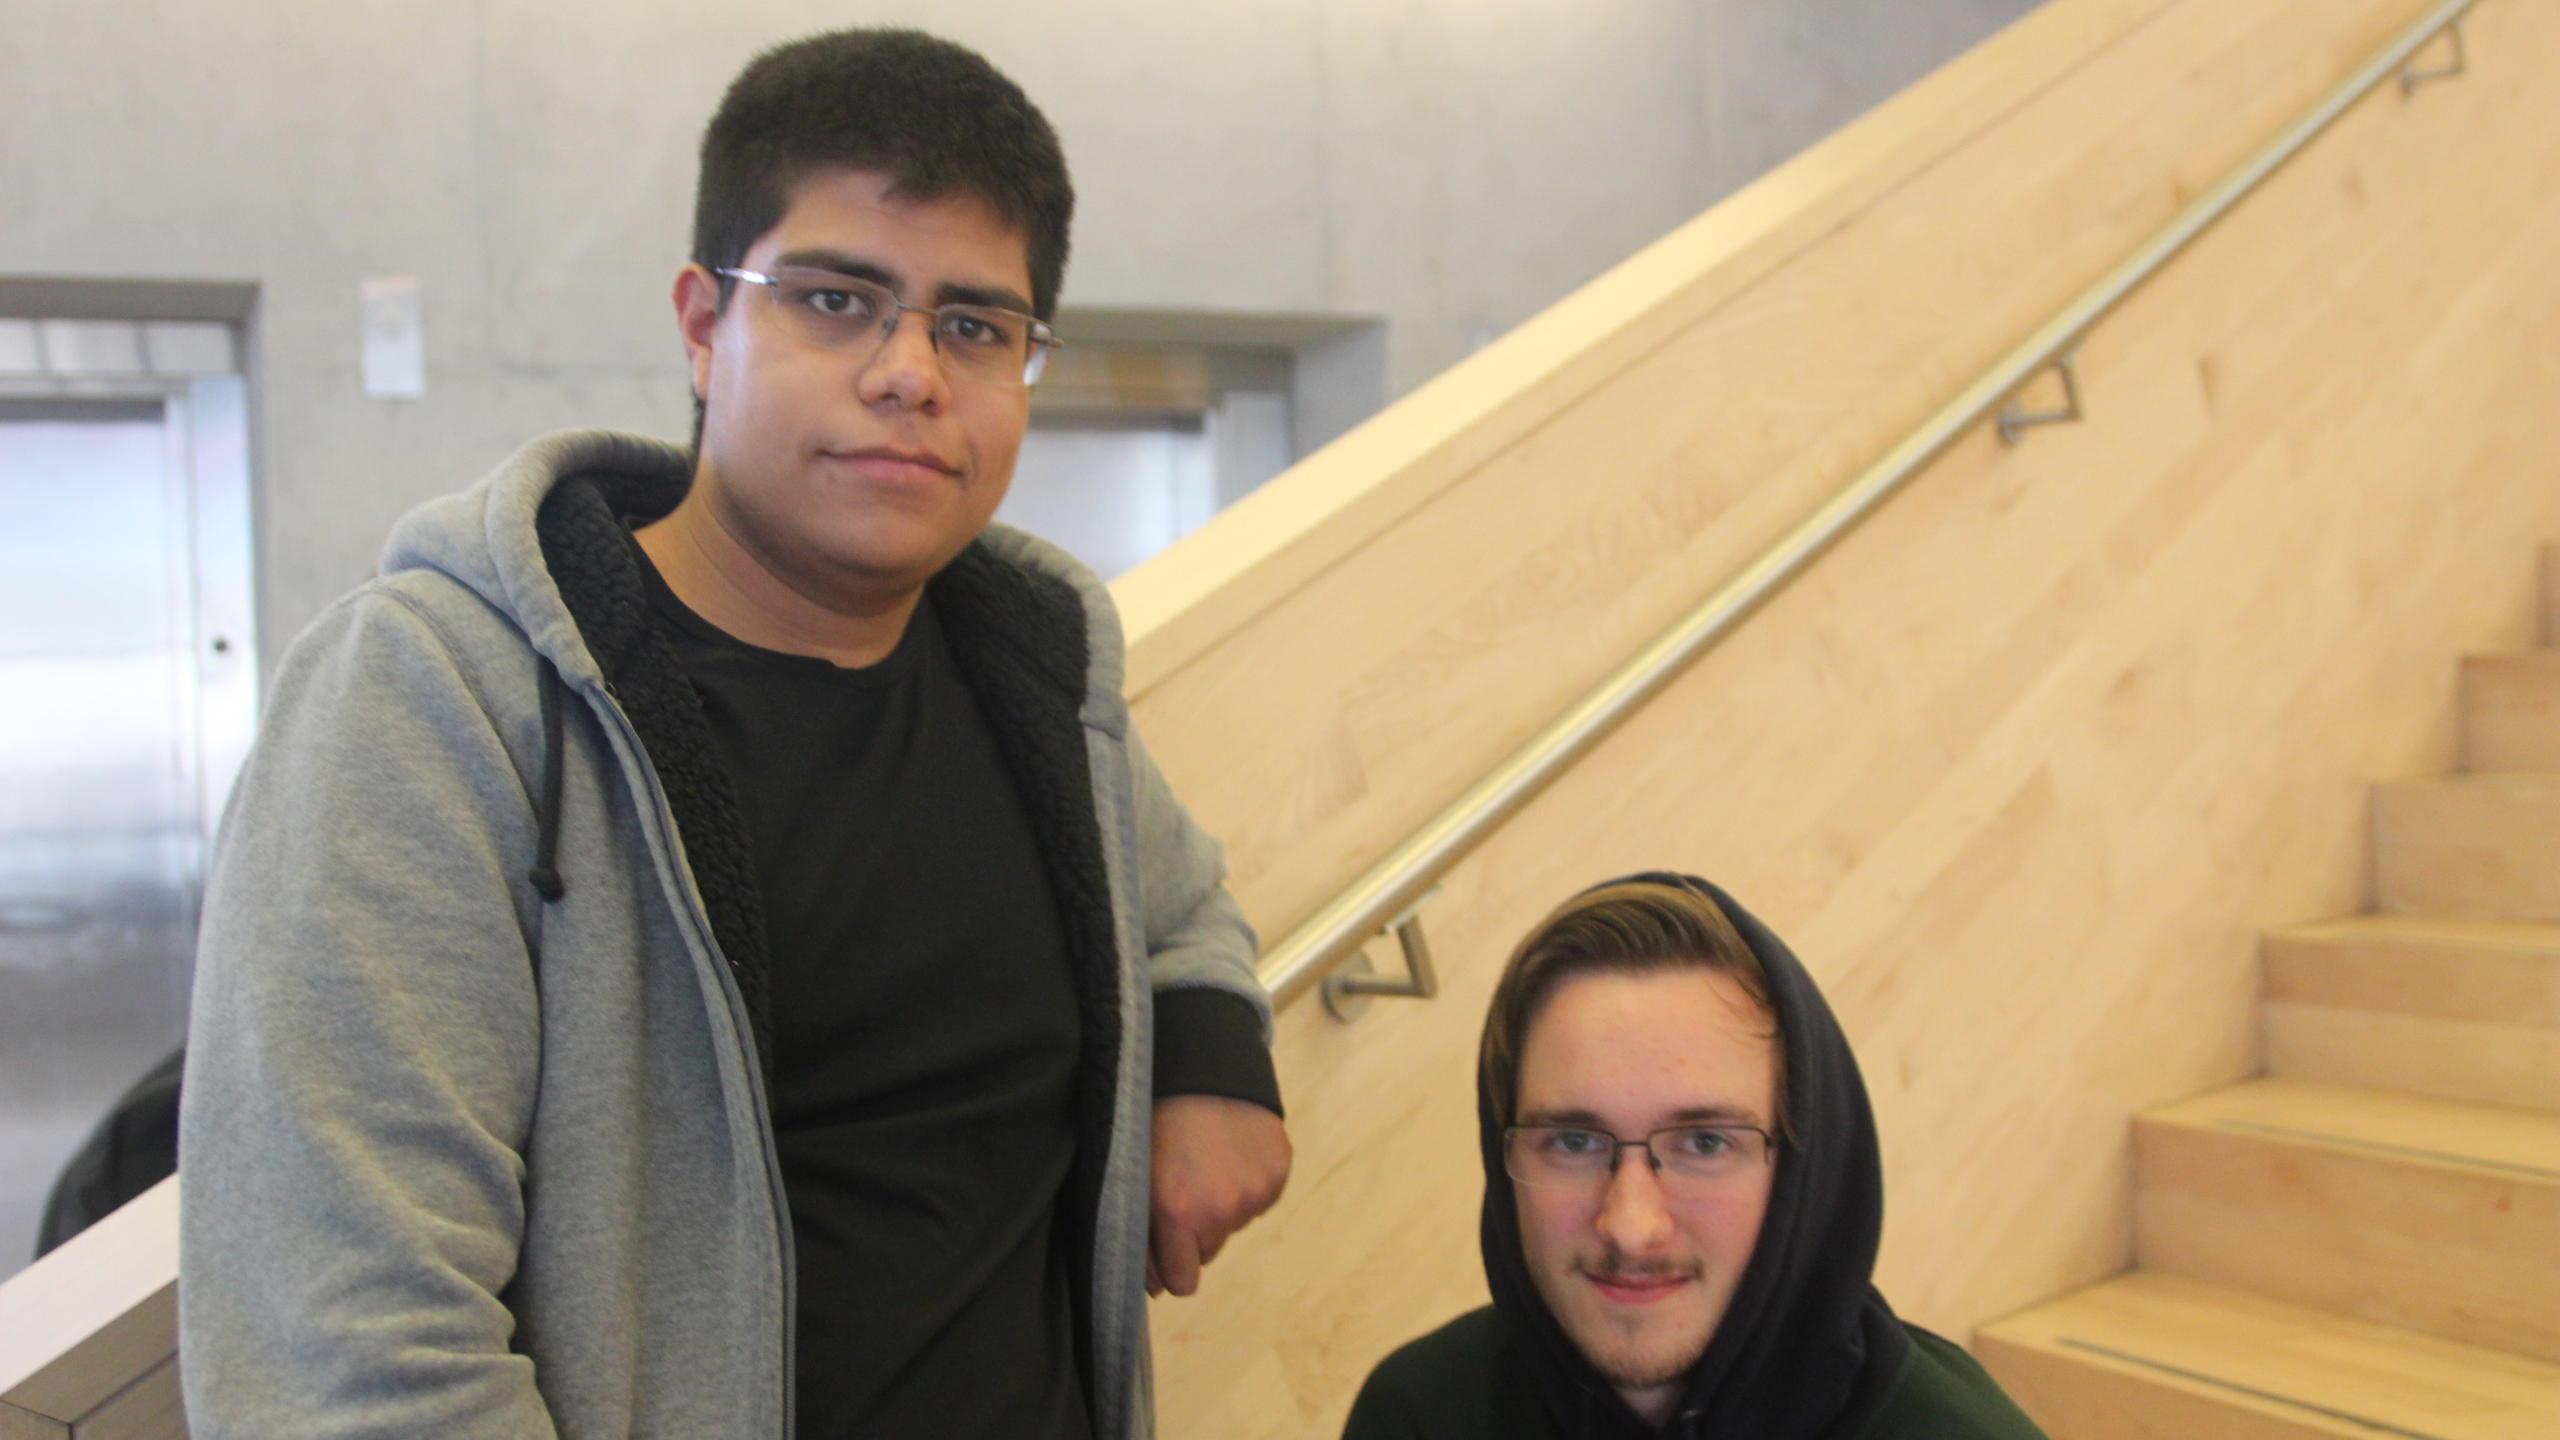 William Argueta, left, and Chris Albanese, right.